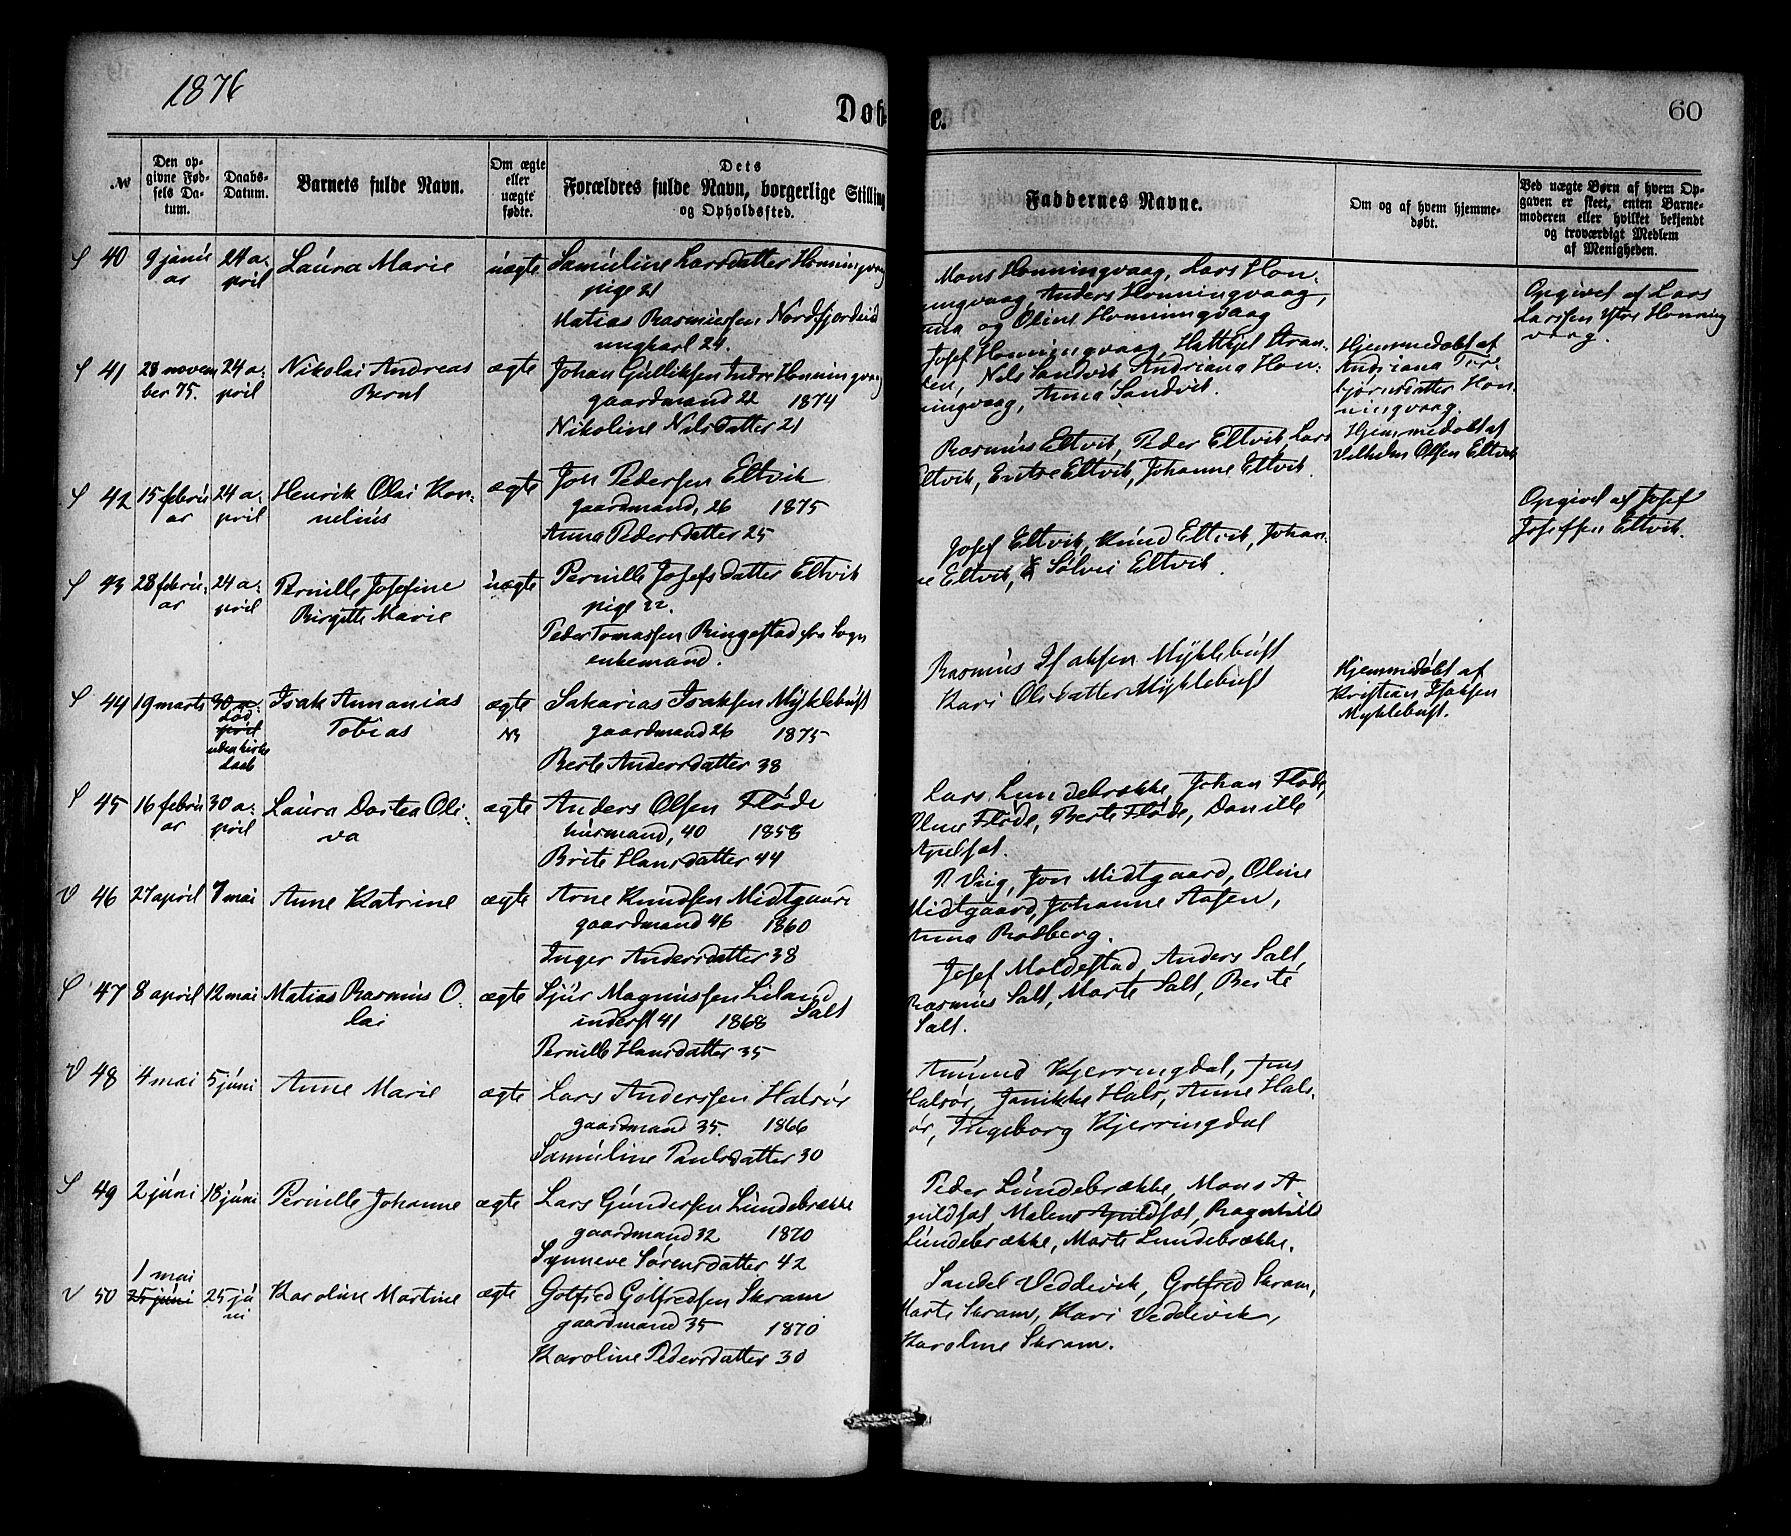 SAB, Selje sokneprestembete*, Ministerialbok nr. A 12, 1870-1880, s. 60